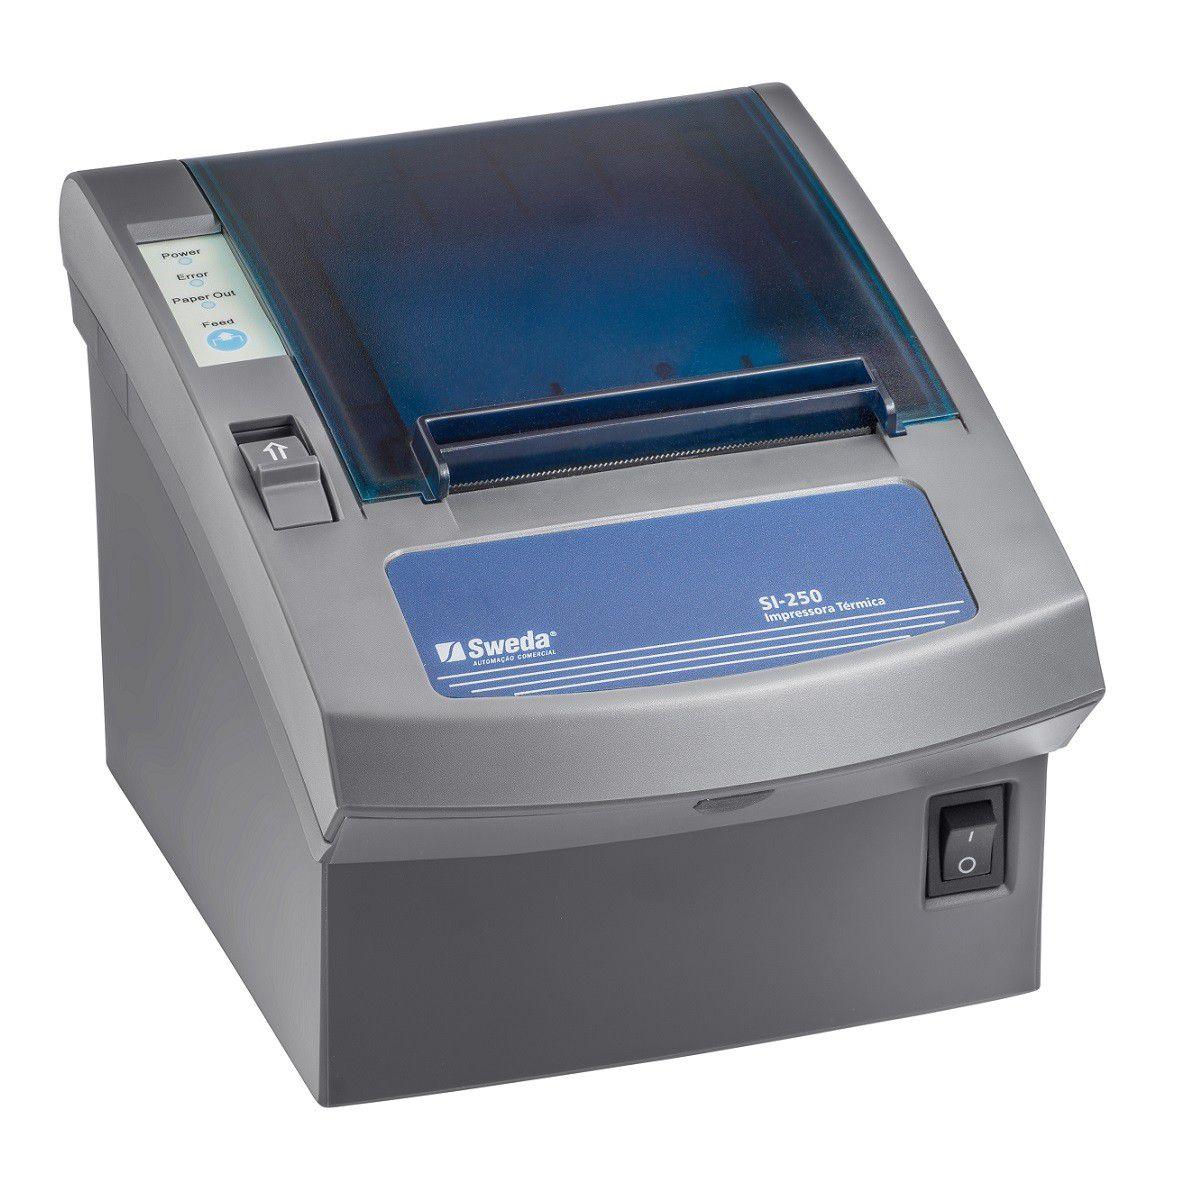 IMPRESSORA NÃO FISCAL DE CUPOM TÉRMICO SWEDA (USB/SERIAL) Si-250